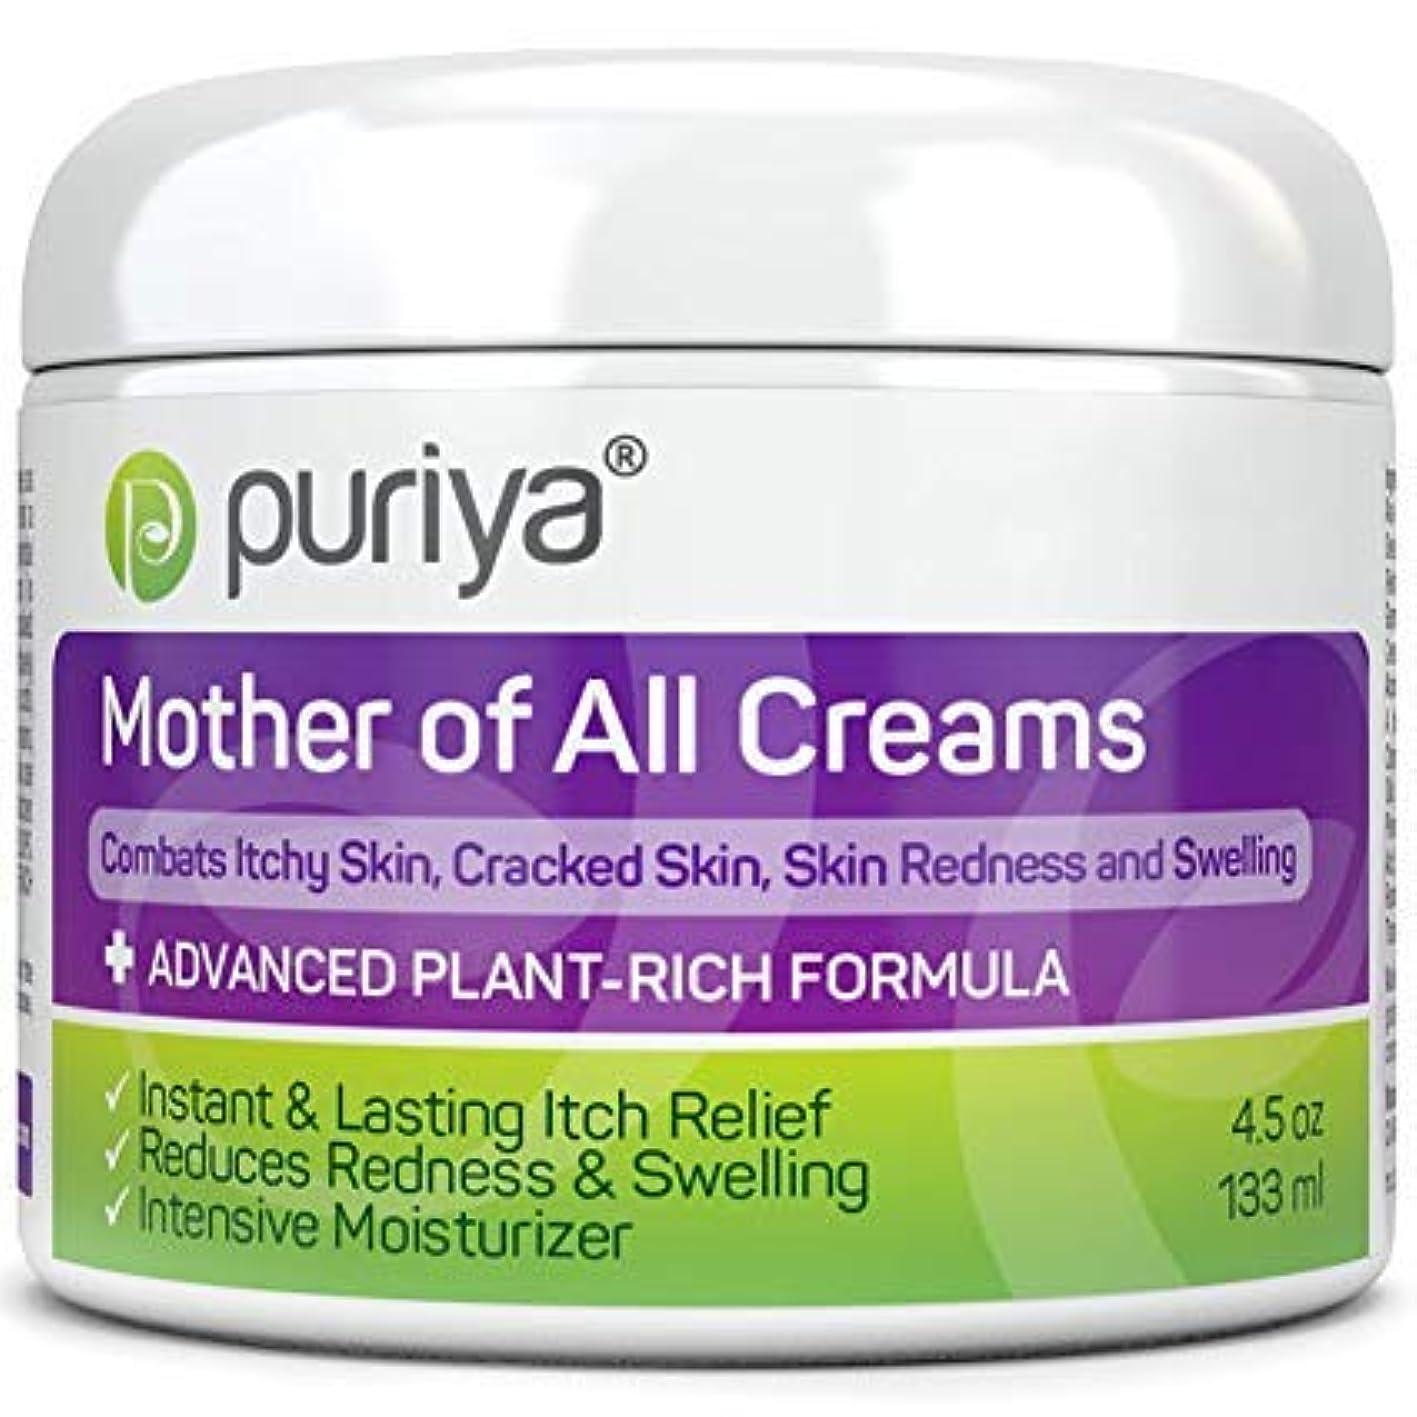 サーバント奴隷クライアントPuriya マザーオブオールクリーム Mother of All Creams Cream For Eczema, Psoriasis, Dermatitis and Rashes. Powerful Plant Rich...